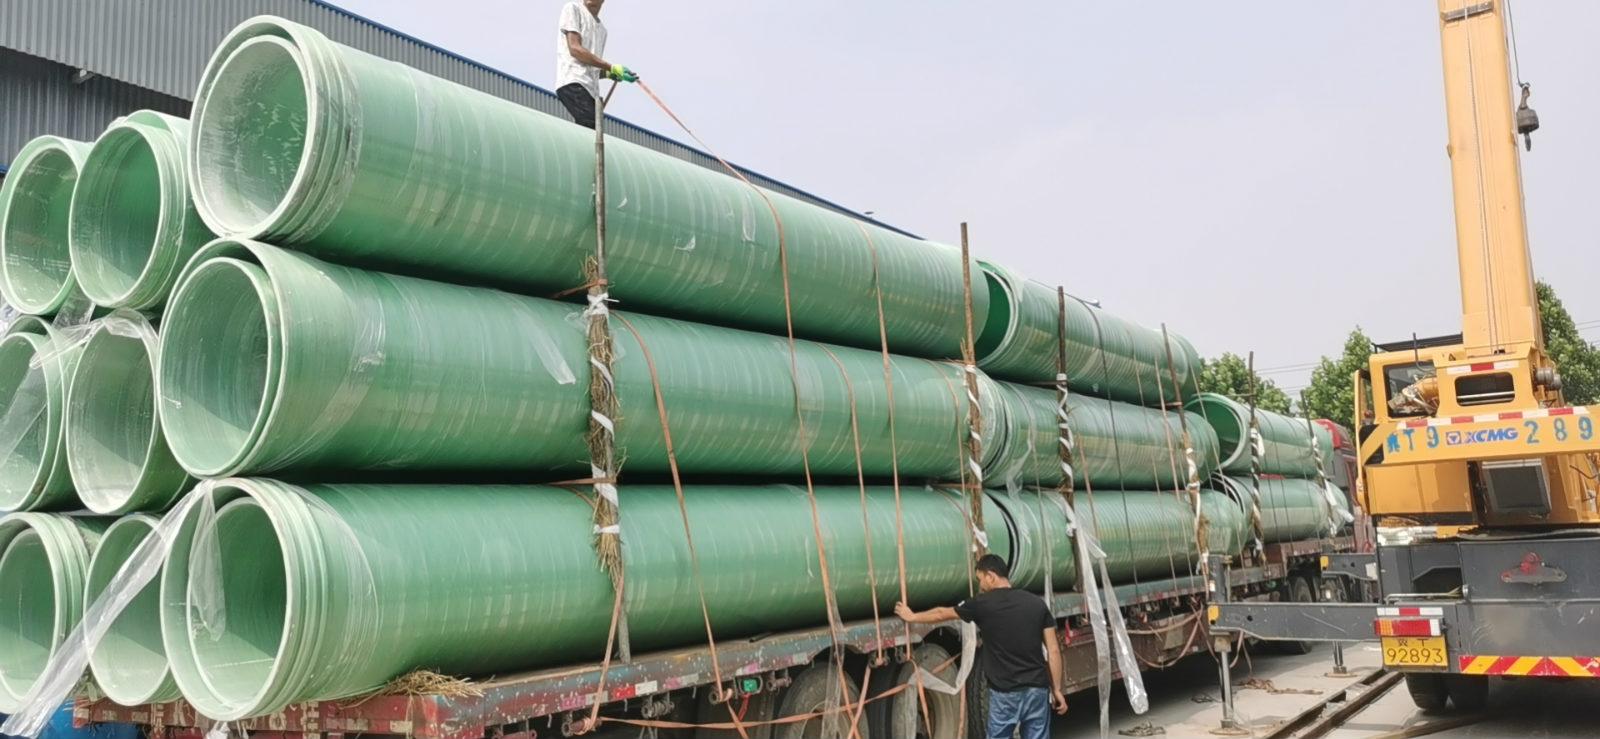 阜新直径900公分玻璃钢管道什么功能作用